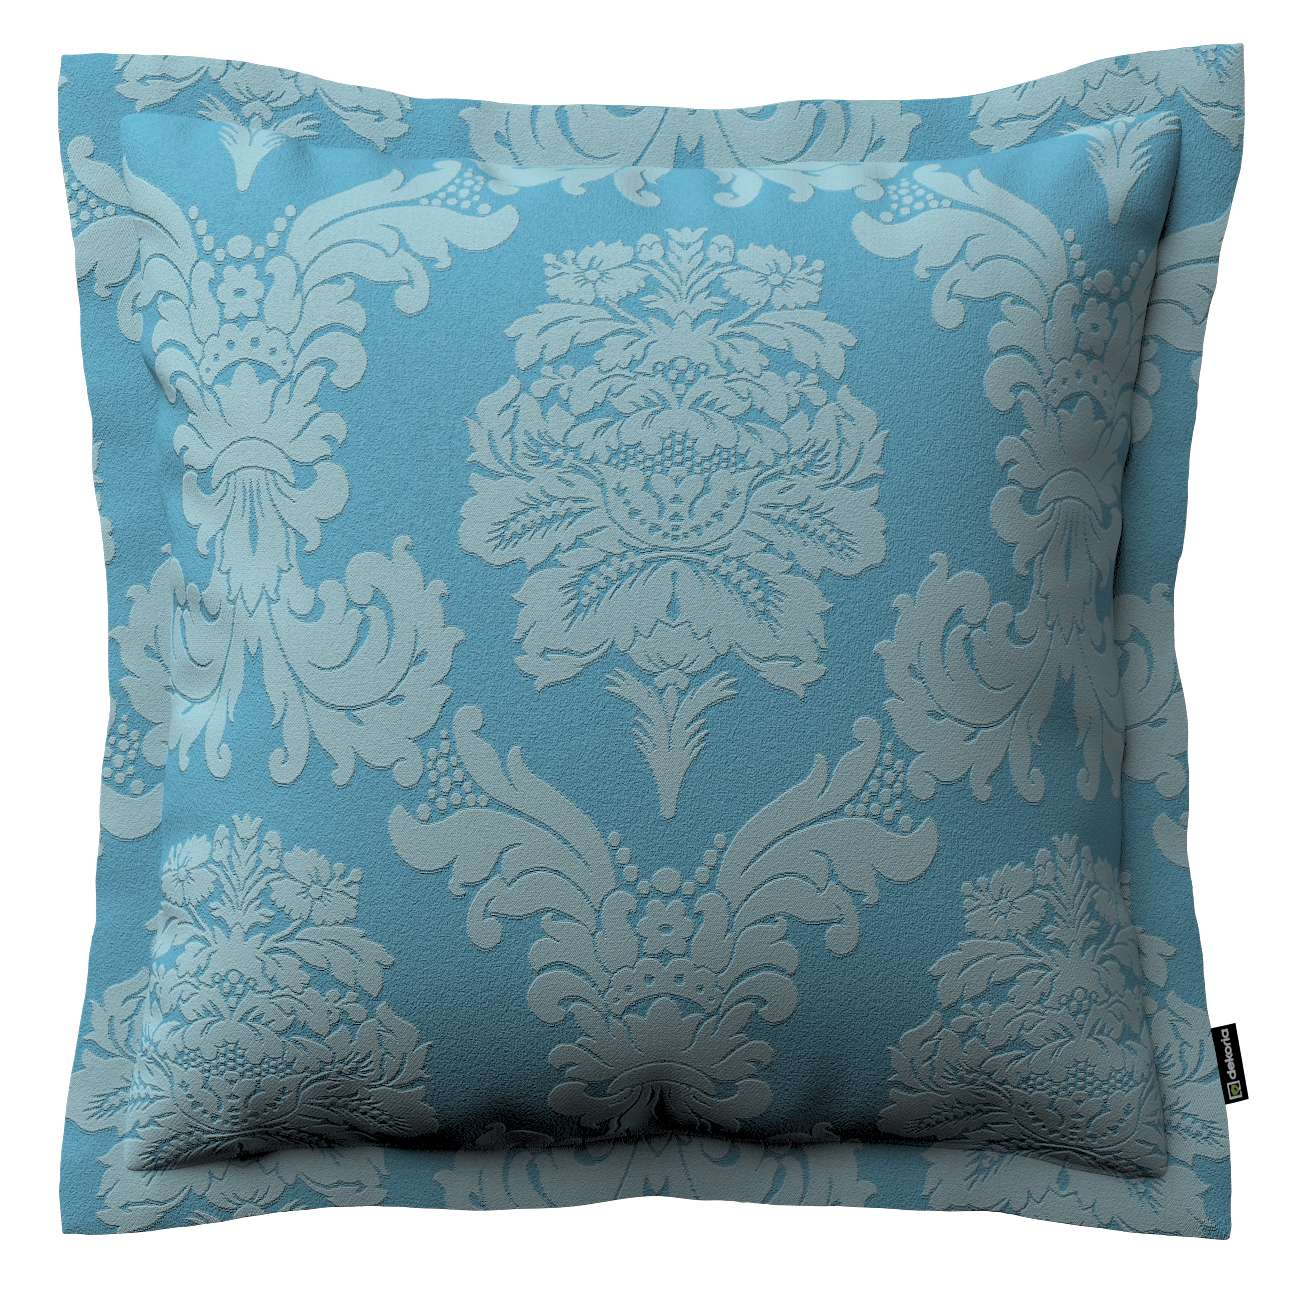 Mona dekoratyvinių pagalvėlių užvalkalas su sienele 38 x 38 cm kolekcijoje Damasco, audinys: 613-67